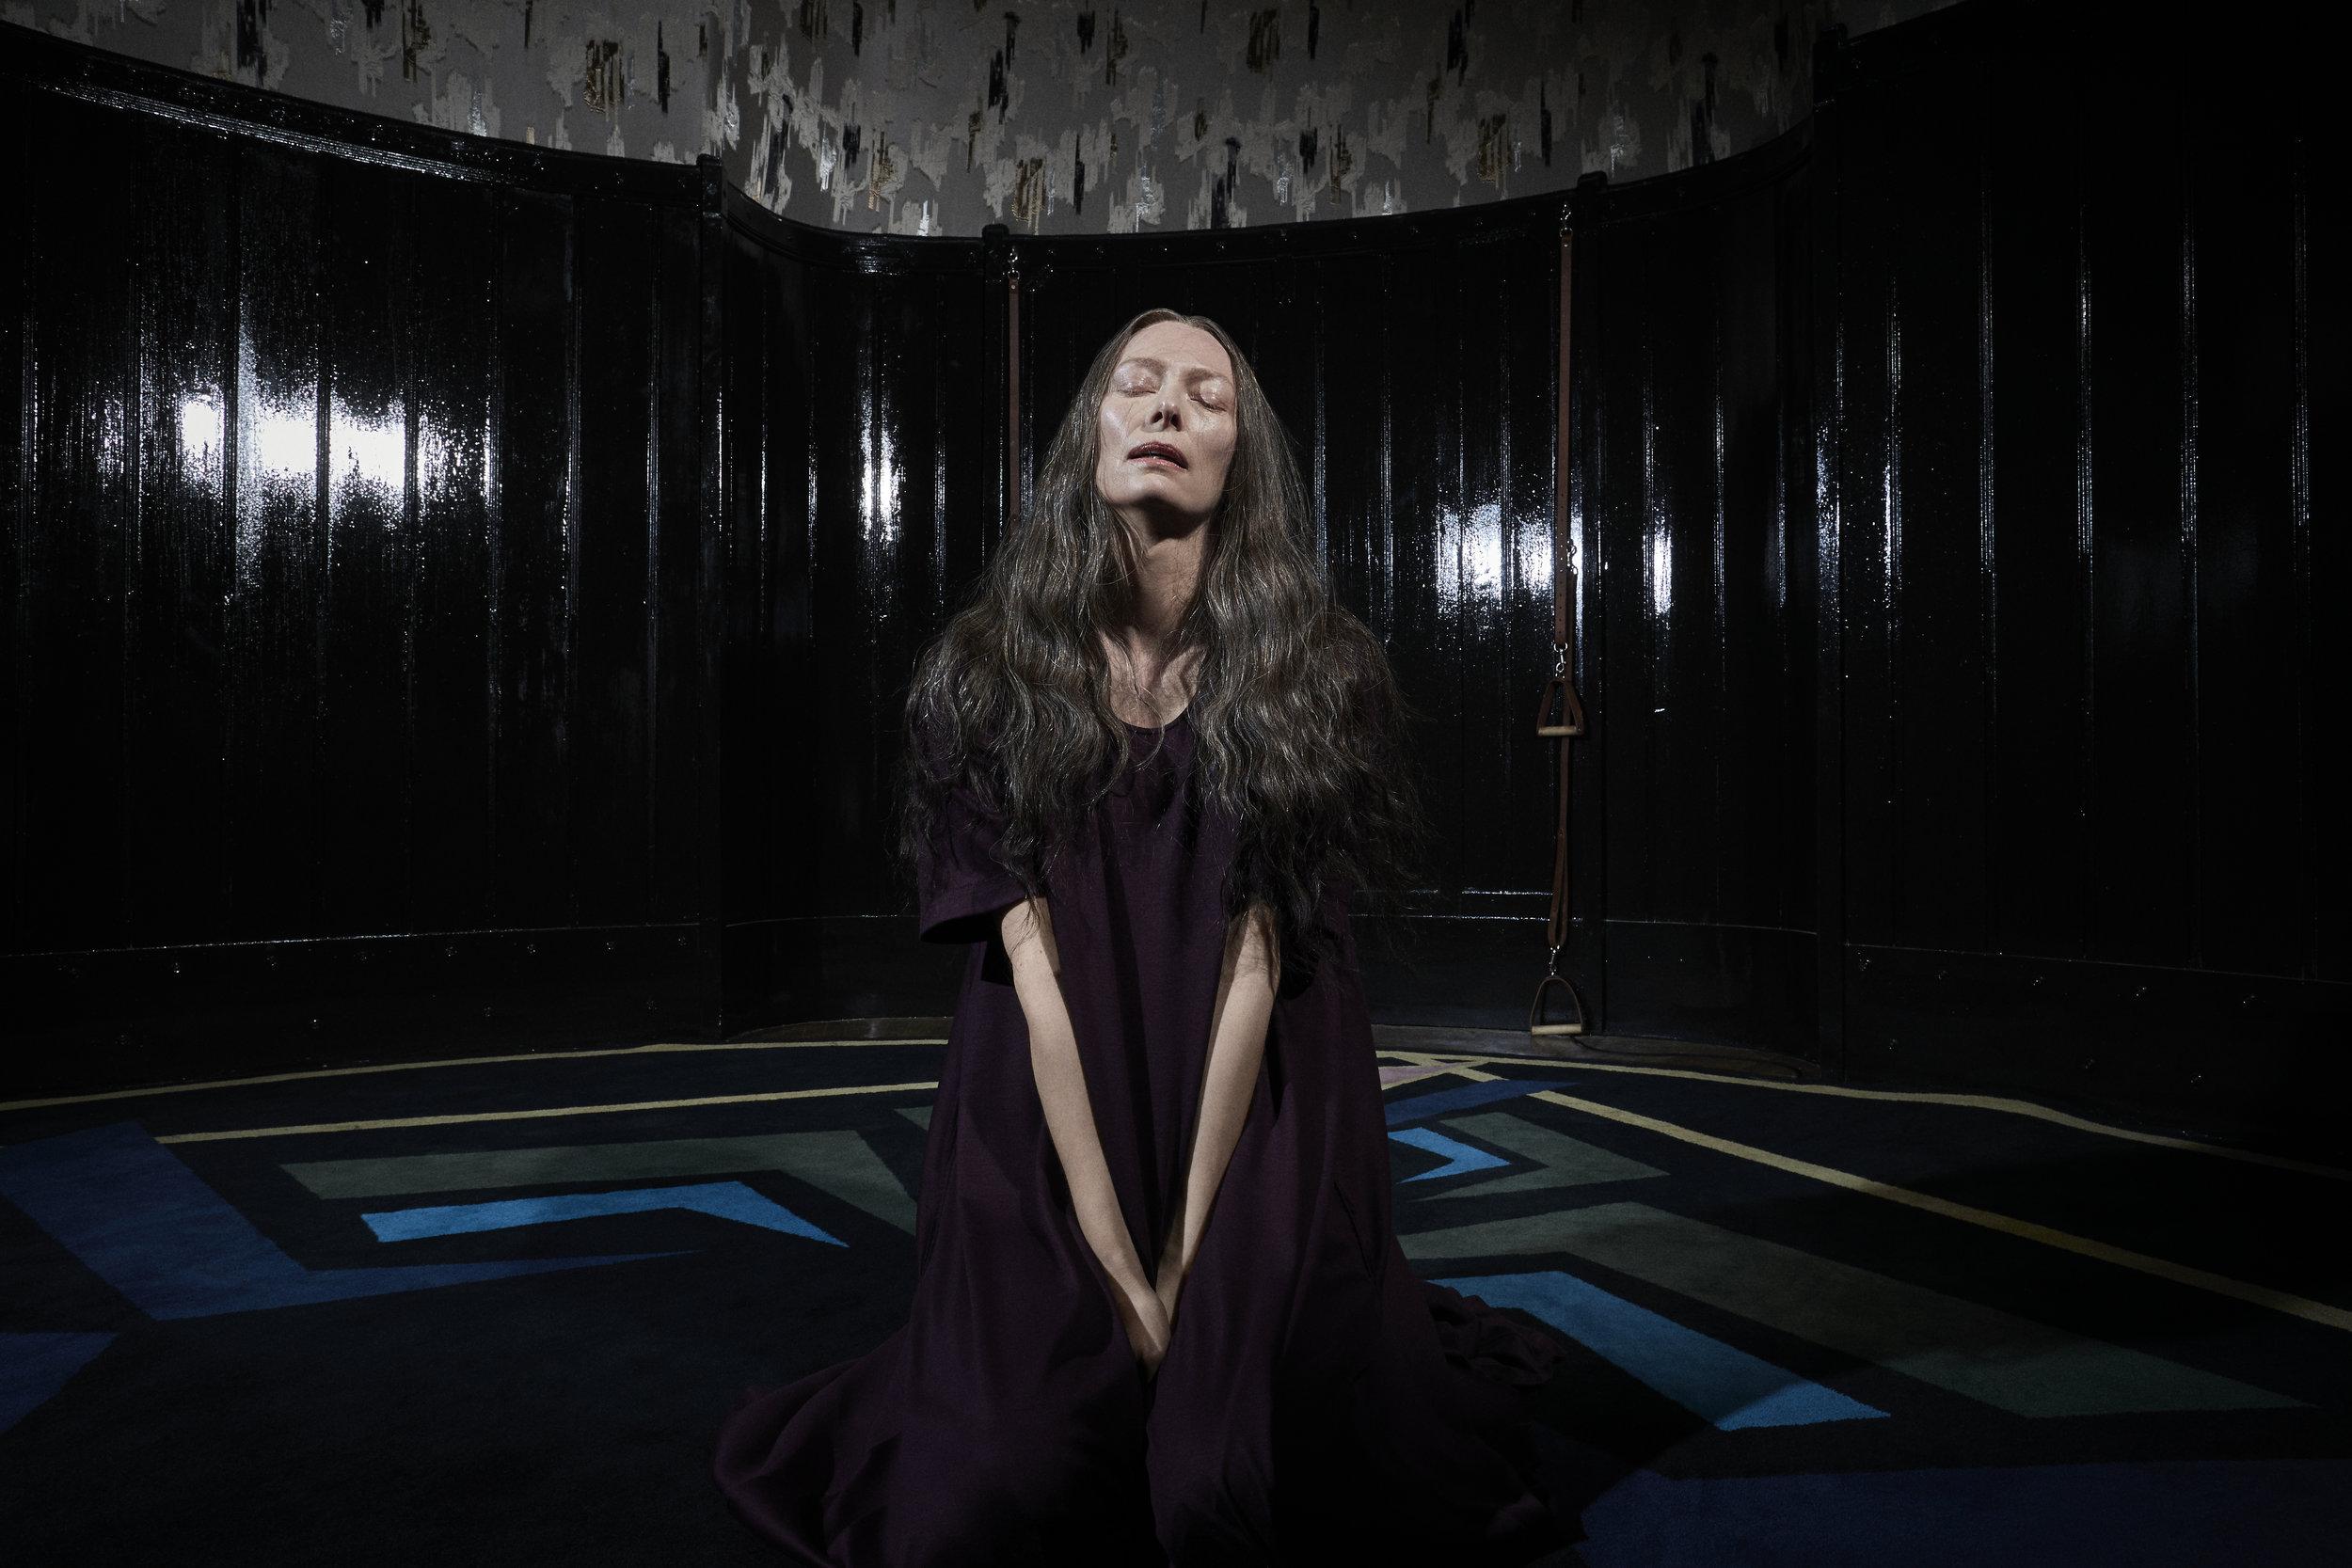 """Tilda Swinton in """"Suspiria."""" (Photo courtesy Amazon Studios/Alessio Bolzoni)"""